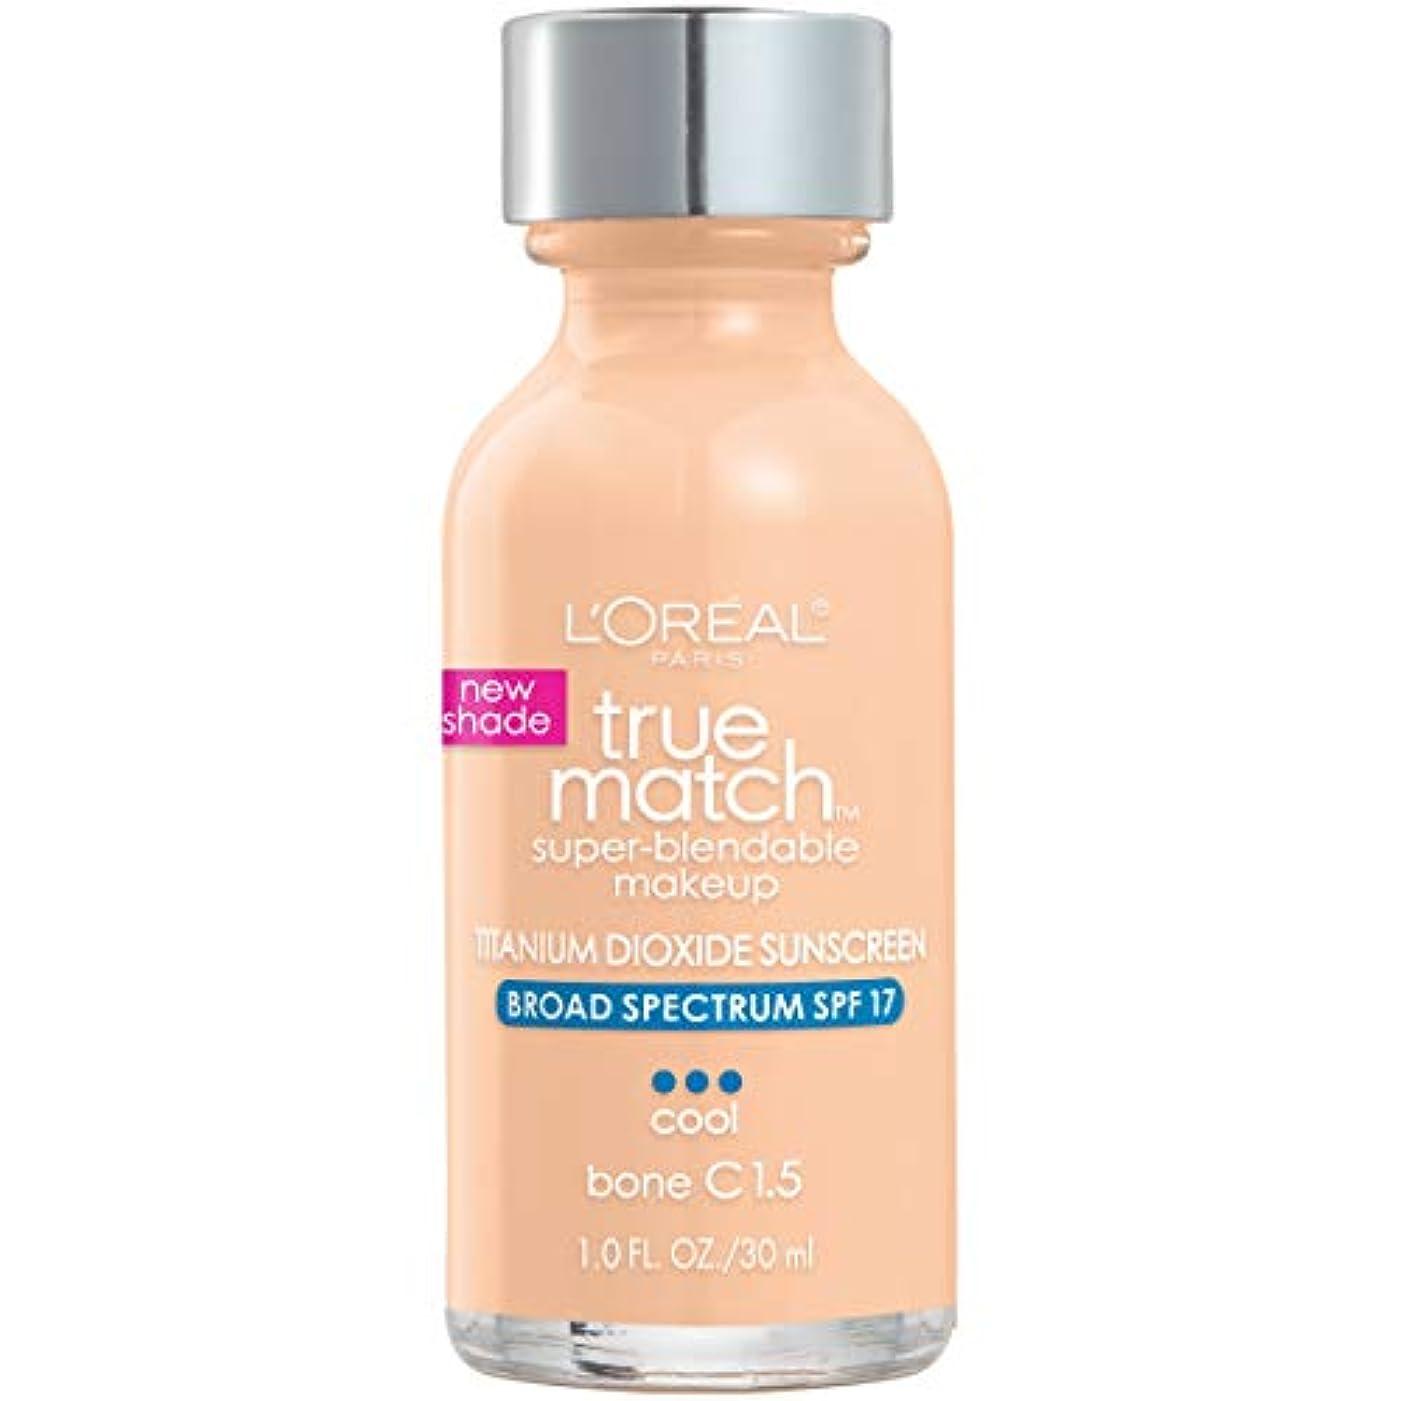 L'Oréal True Match Super-Blendable Foundation Makeup (BONE)